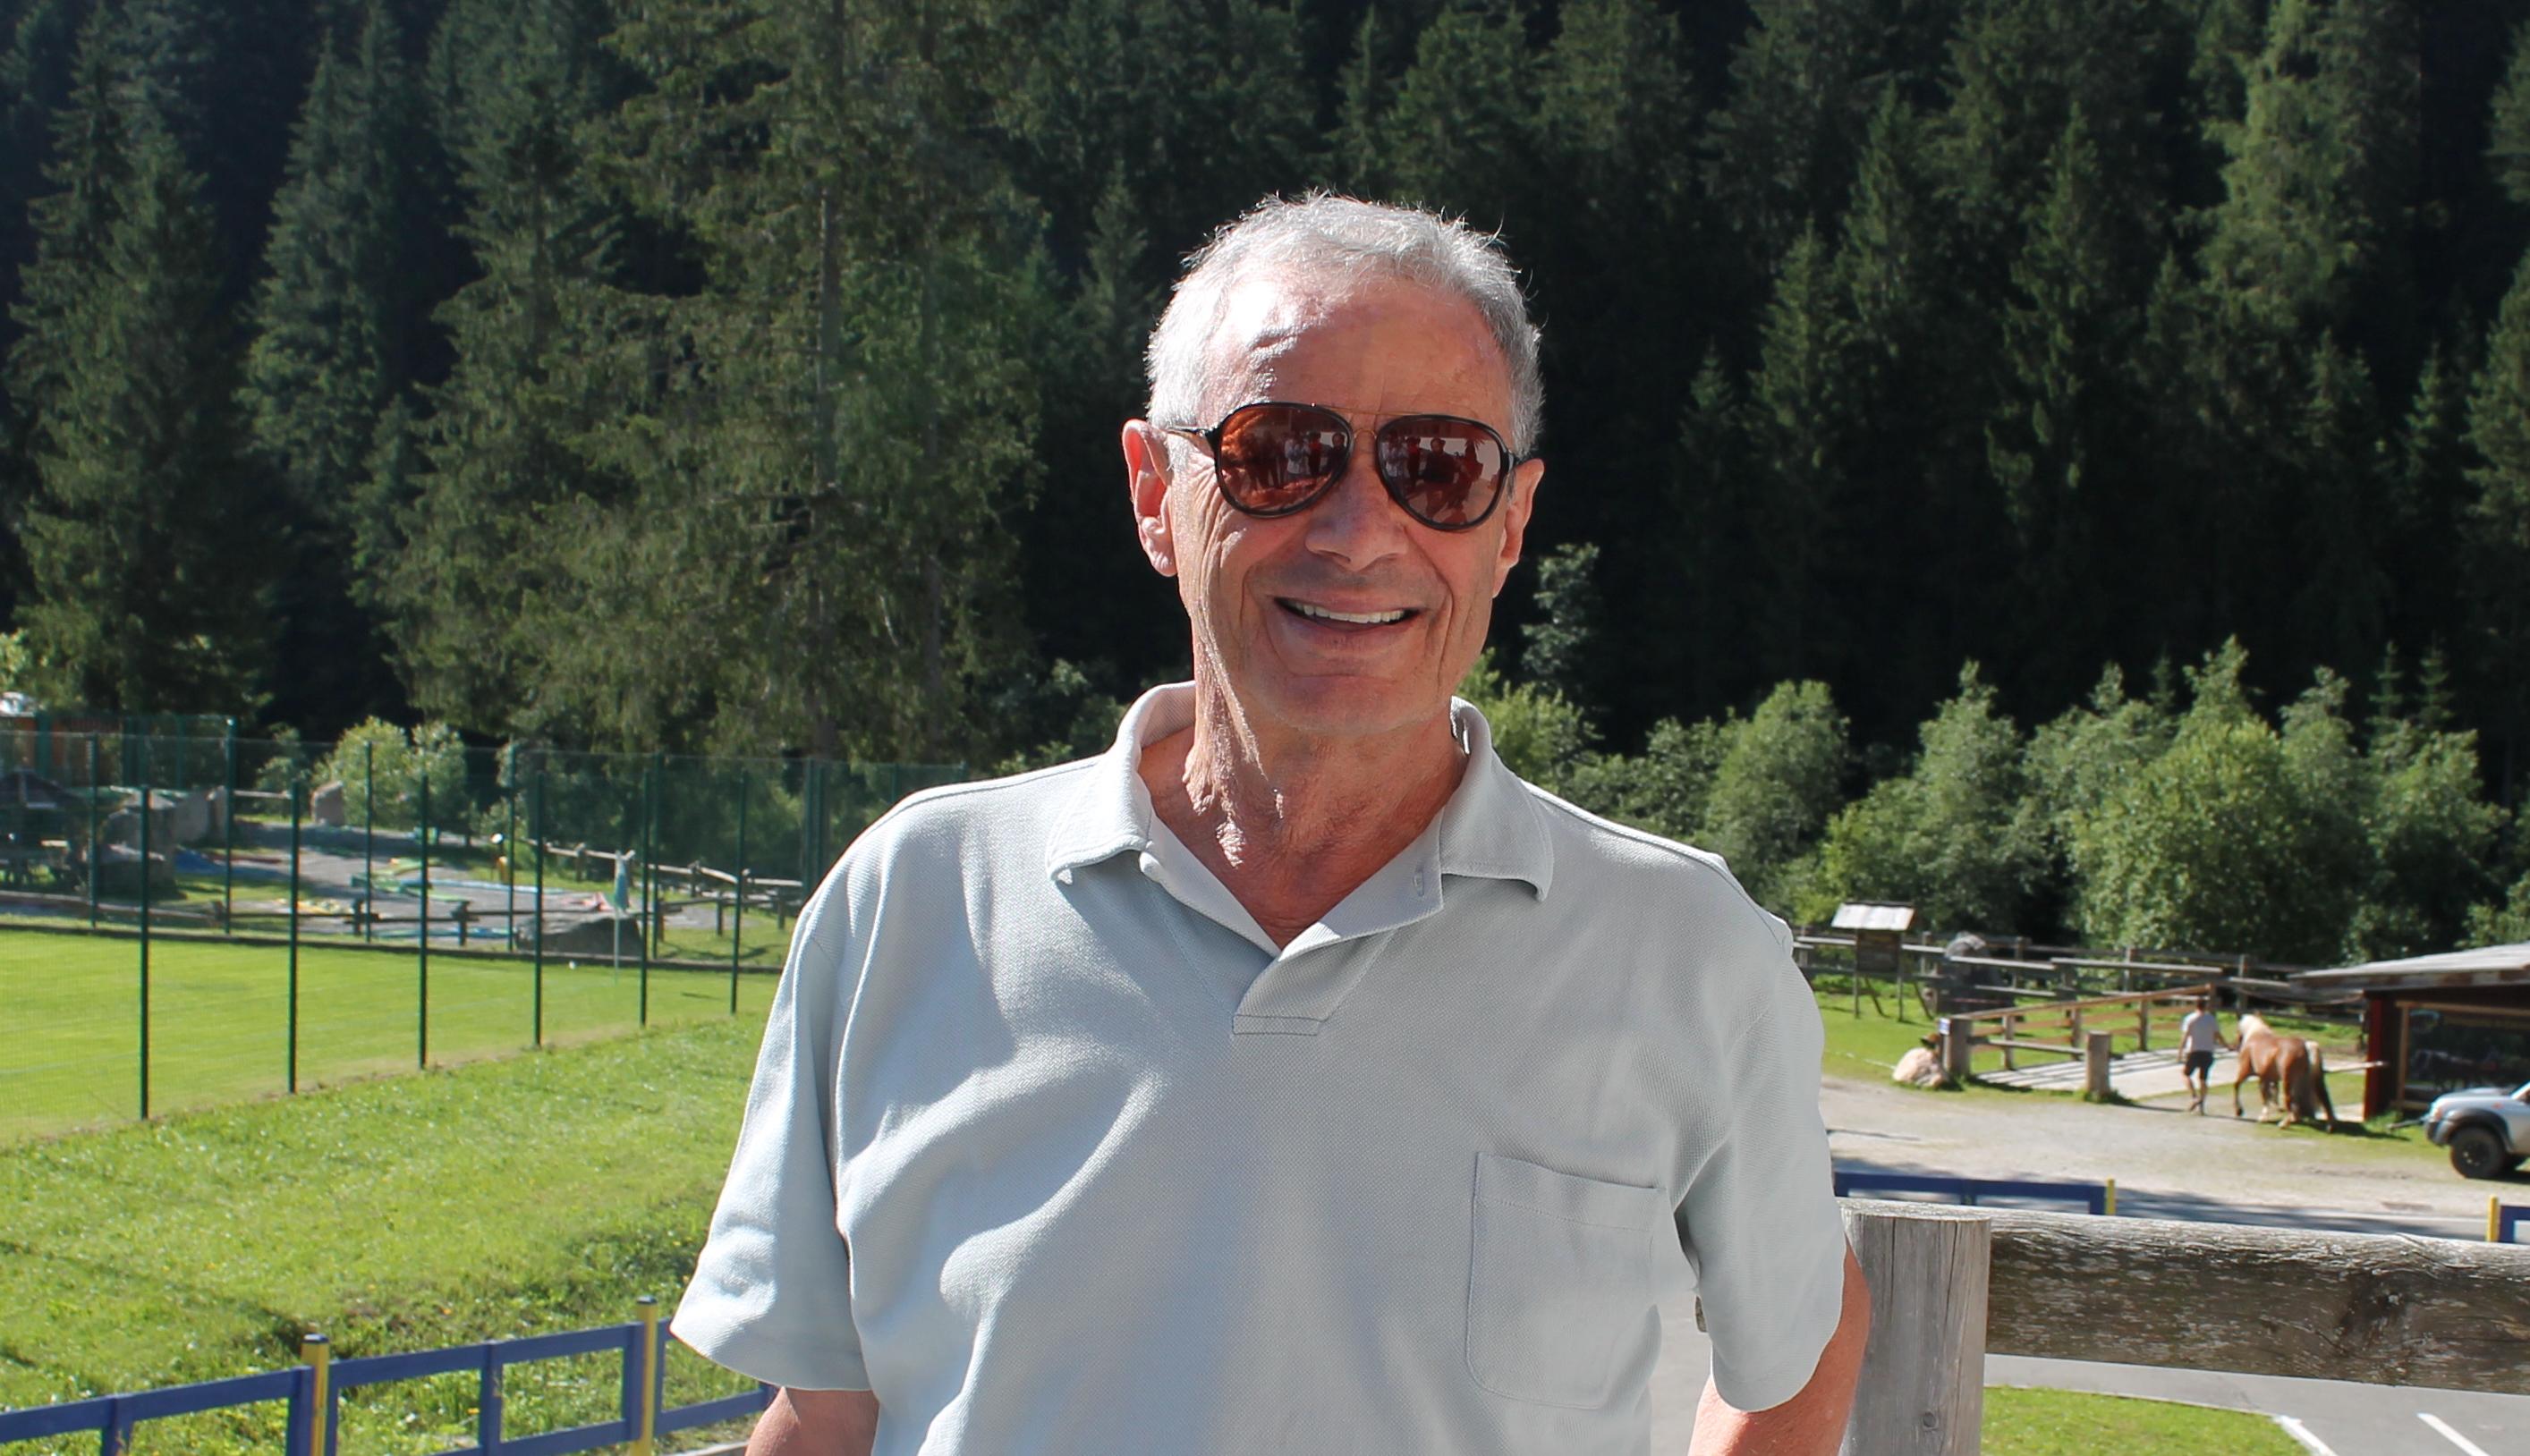 """Il bilancio del Palermo è stato approvato. L'assemblea dei soci (di fatto rappresentata da Maurizio Zamparini) ha dato l'okal documento contabile al 30 giugno 2018, rispettando così le scadenze previste per la consegna di tutte le carte alla Covisoc, al fine di evitare possibili sanzioni e penalizzazioni per il club rosanero. STELLONE: """"VOGLIAMO VINCERE. IL PUBBLICO CI DAREBBE UNA MANO"""" Per la firma si aspettava il parere (obbligatorio ma non vincolante) del collegio dei sindaci e della società di revisione, la Baker Tilly Revisa; pareri che sarebbero comunque di segno positivo per un bilancio che dovrebbe presentare perdite di moltoinferiori"""